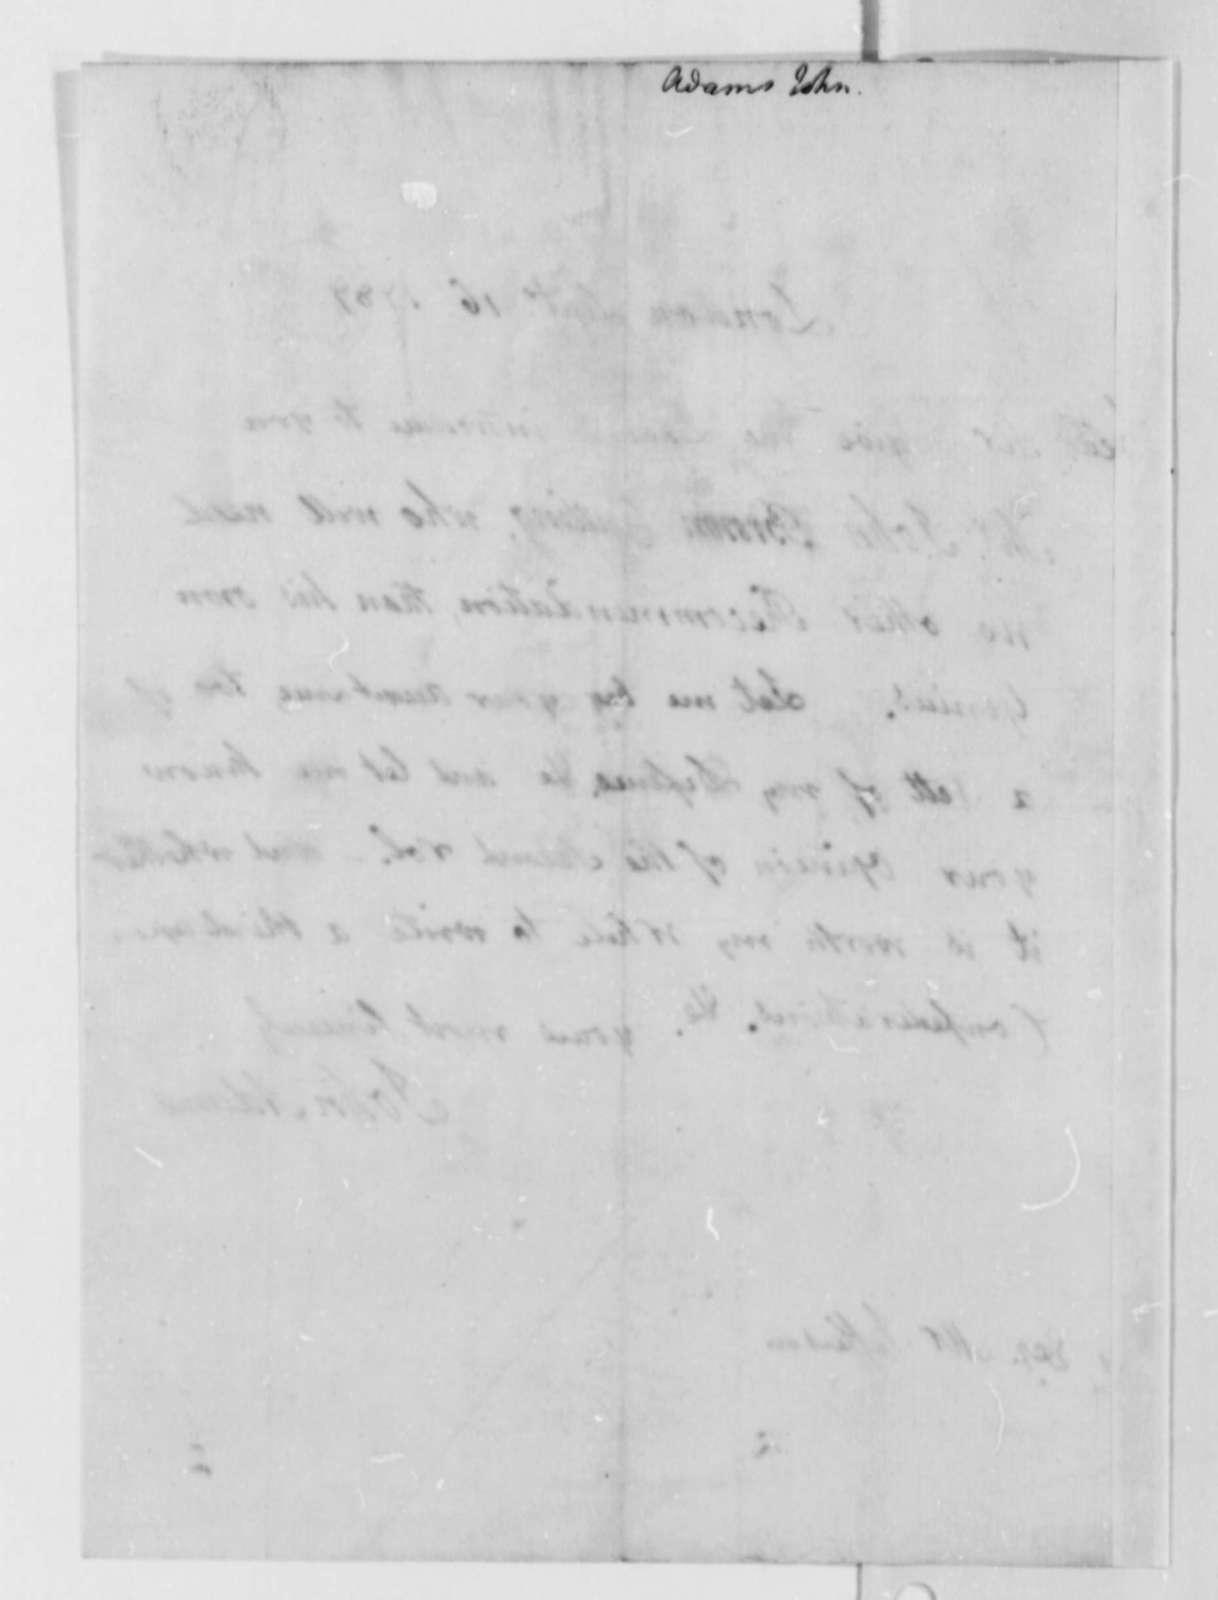 John Adams to Thomas Jefferson, September 16, 1787